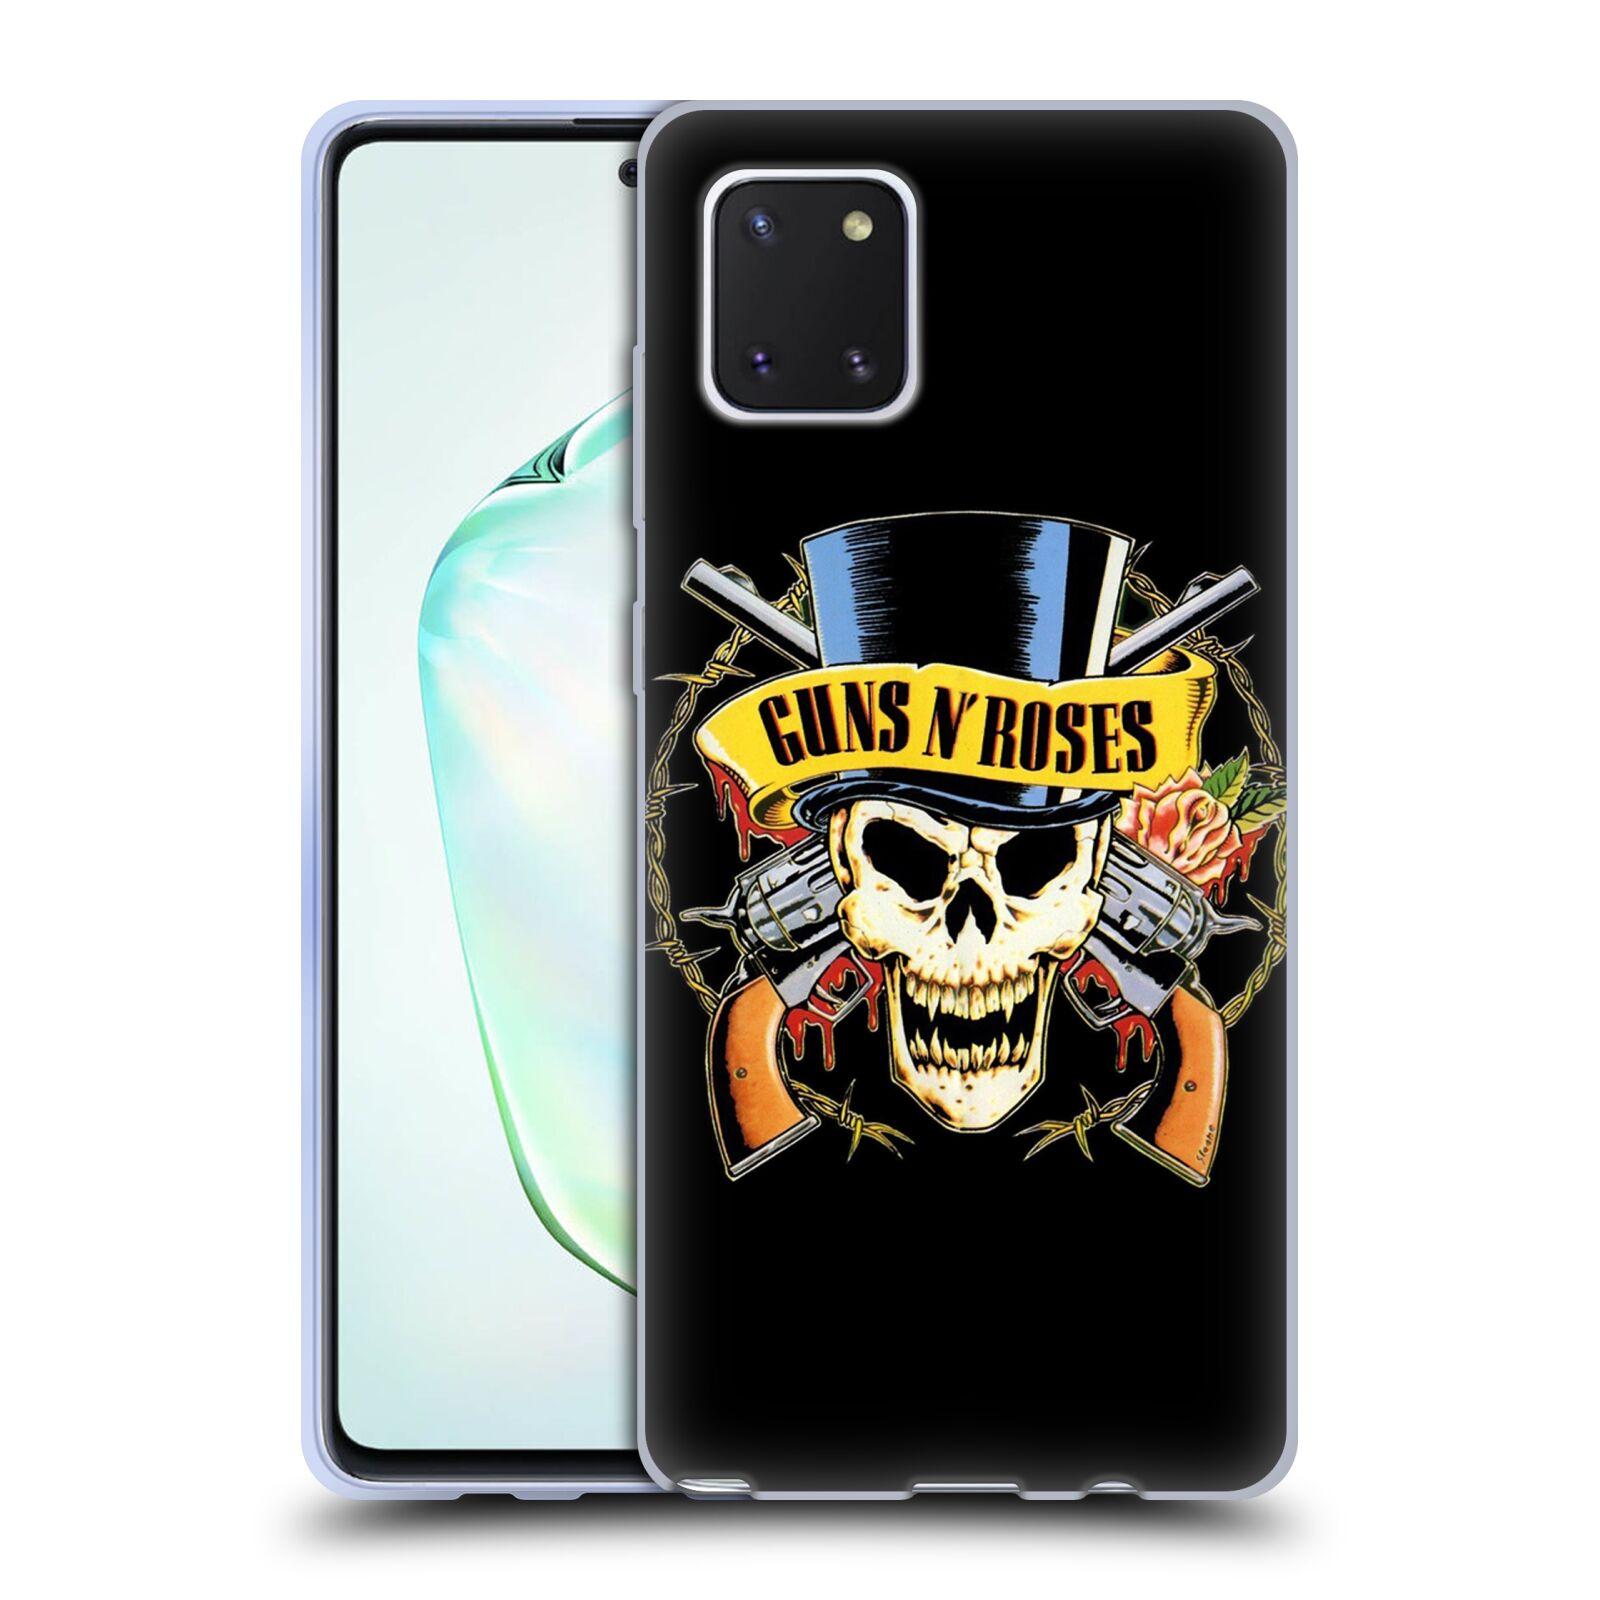 Silikonové pouzdro na mobil Samsung Galaxy Note 10 Lite - Head Case - Guns N' Roses - Lebka